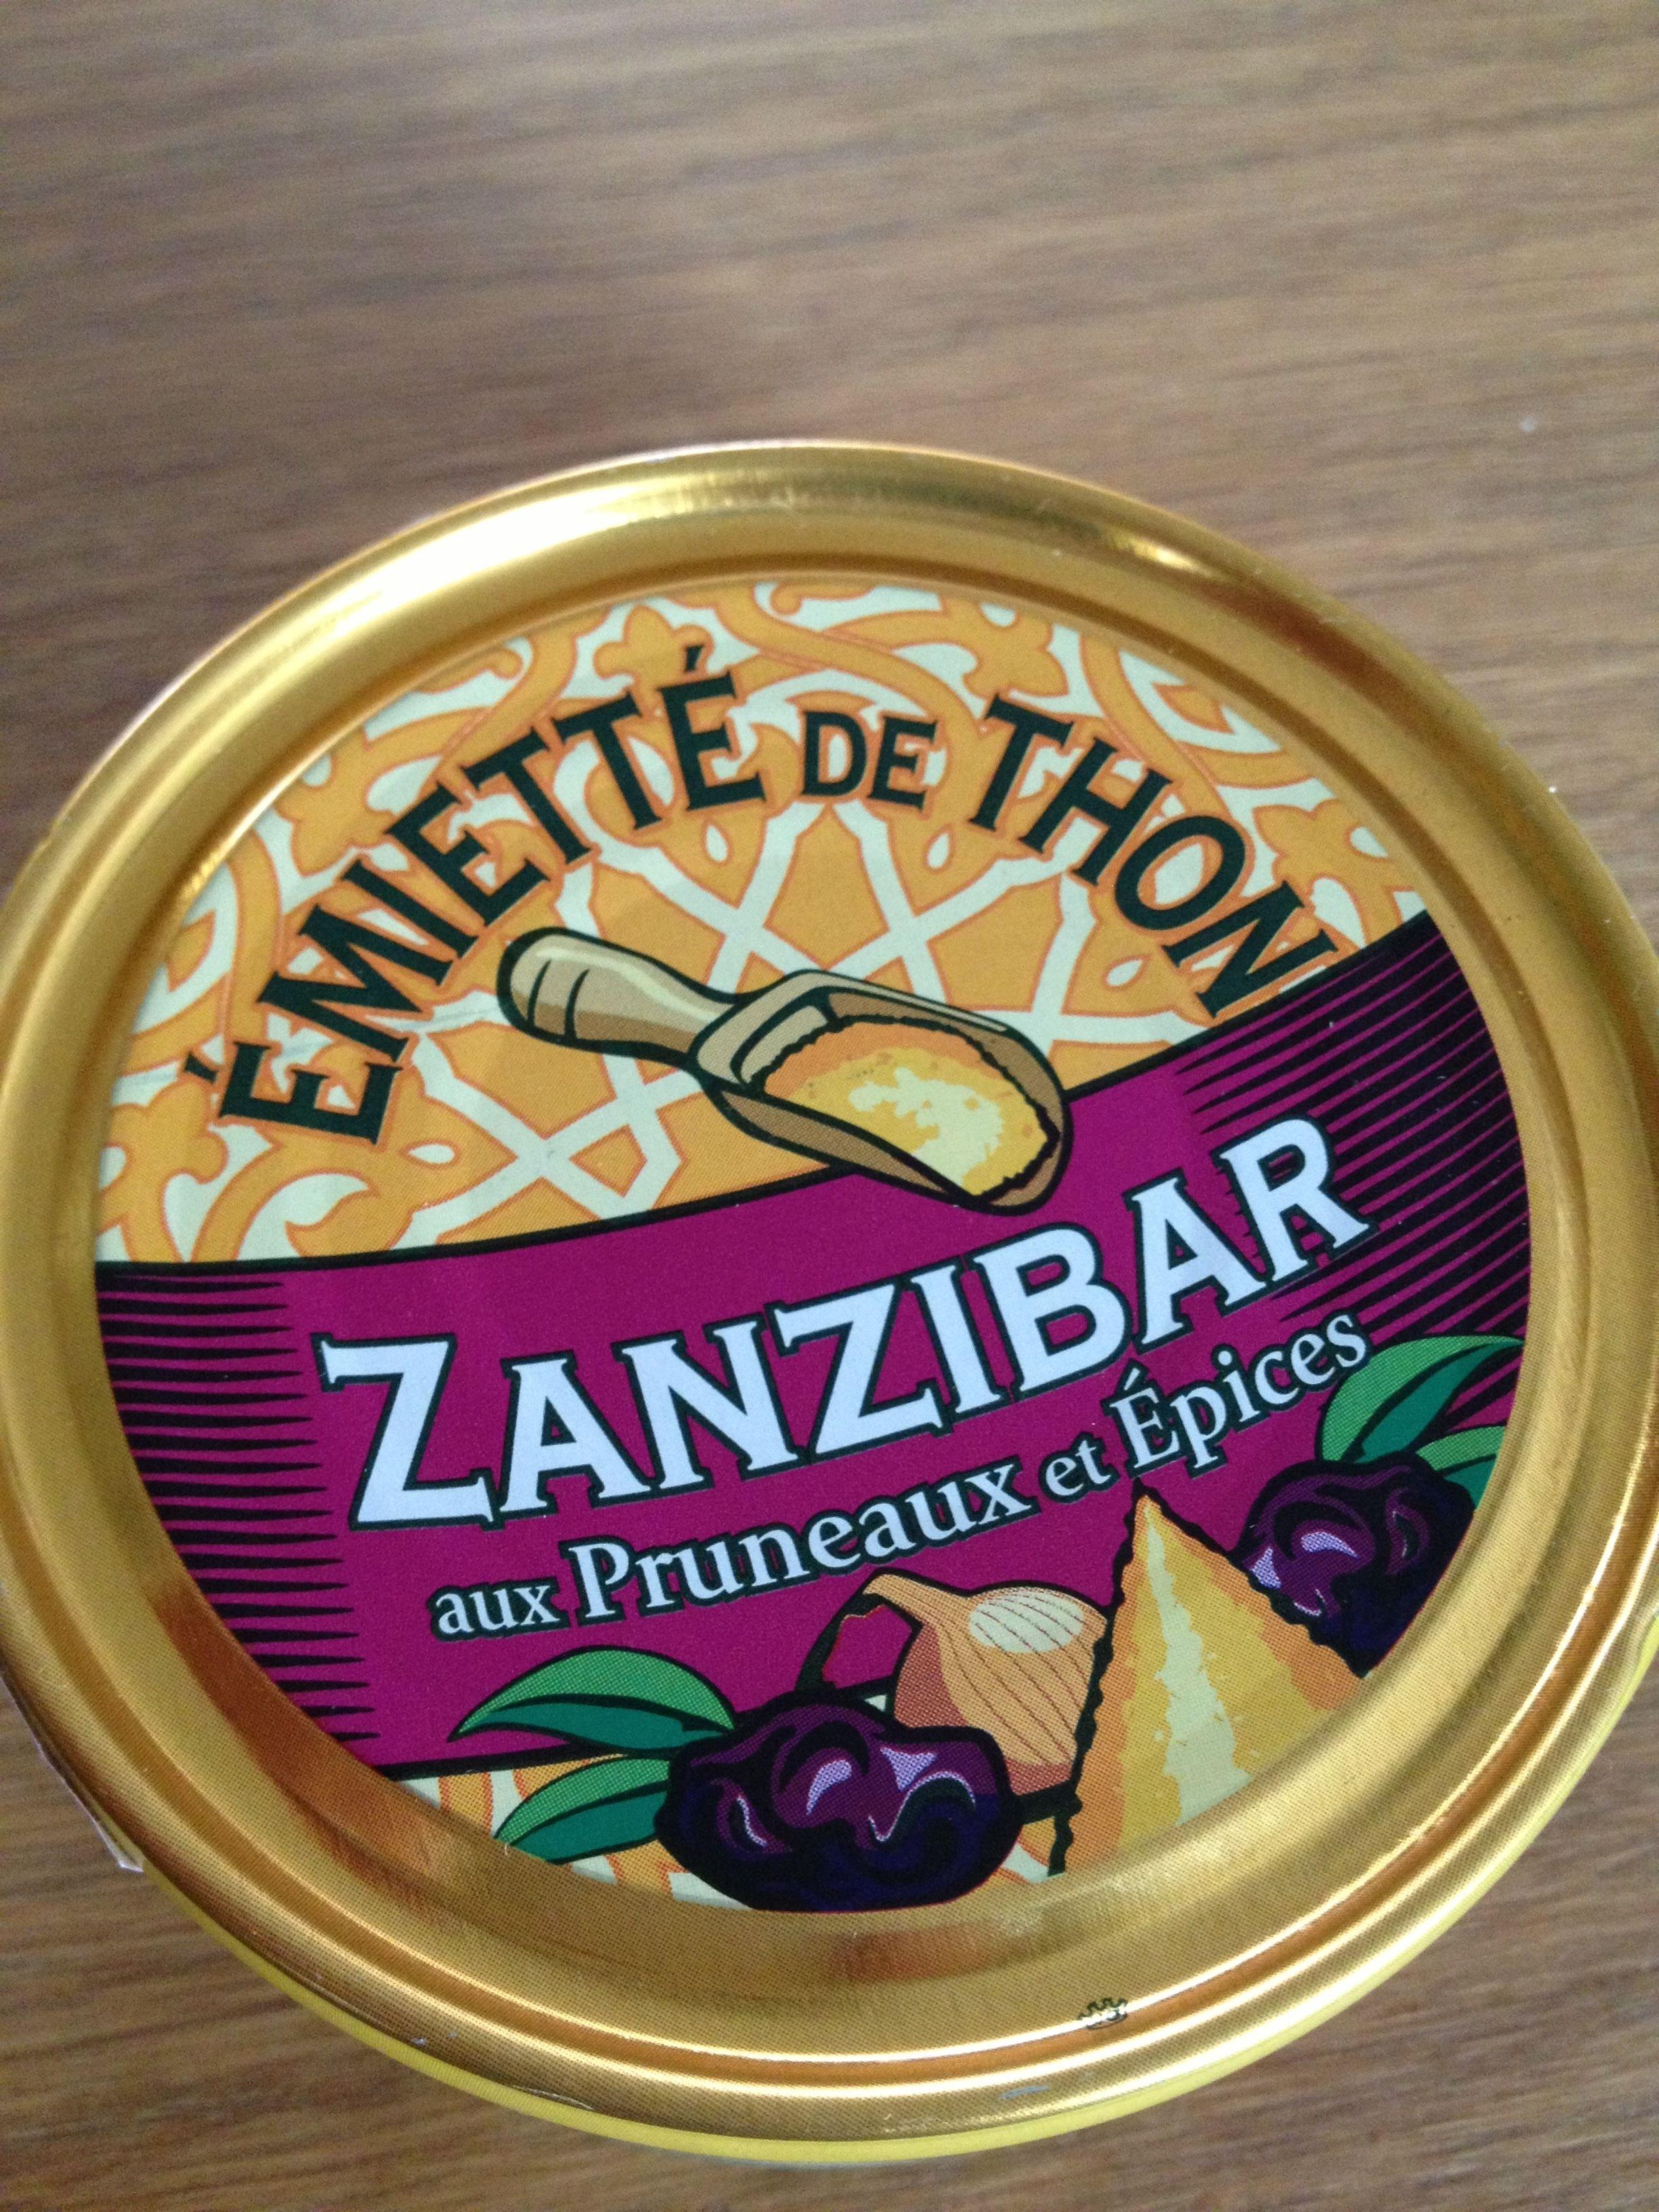 Zanzibar - Émietté de Thon aux Pruneaux et Épices - Product